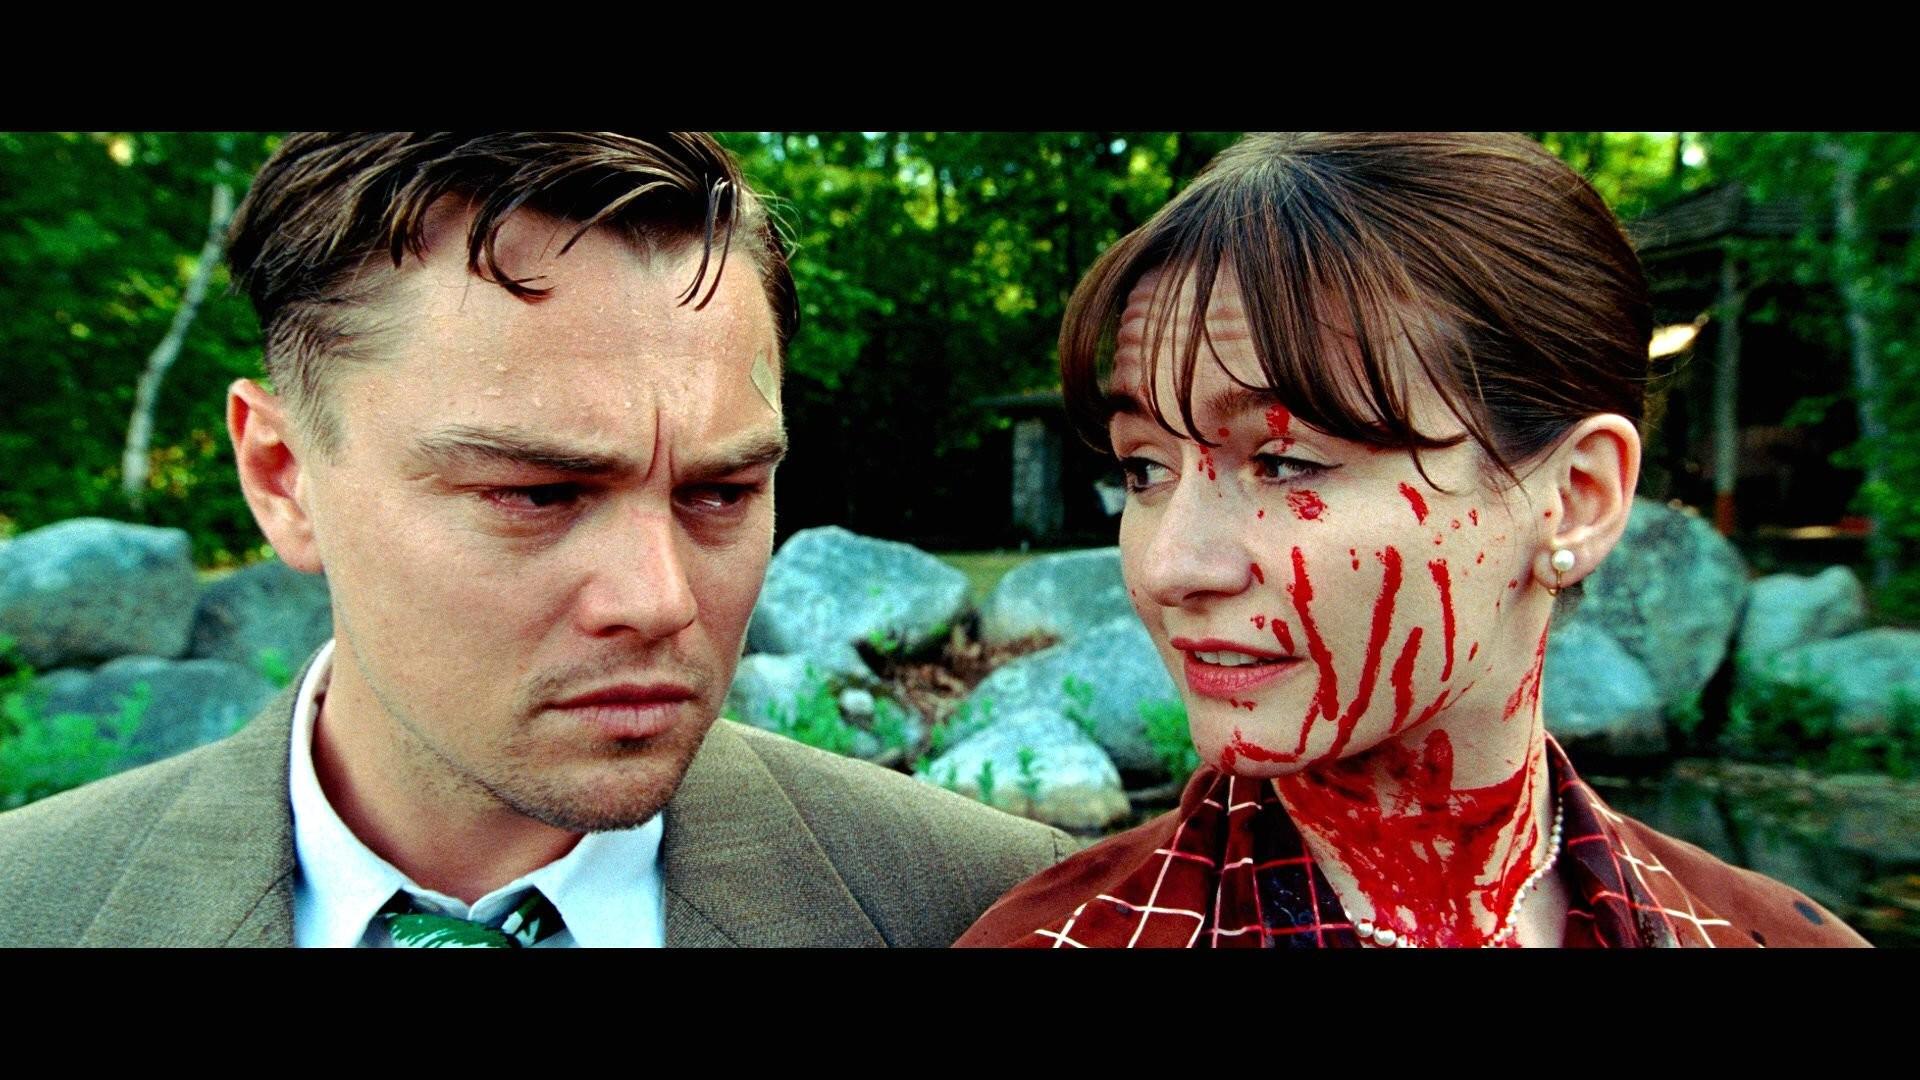 Wife in shutter island movie #1